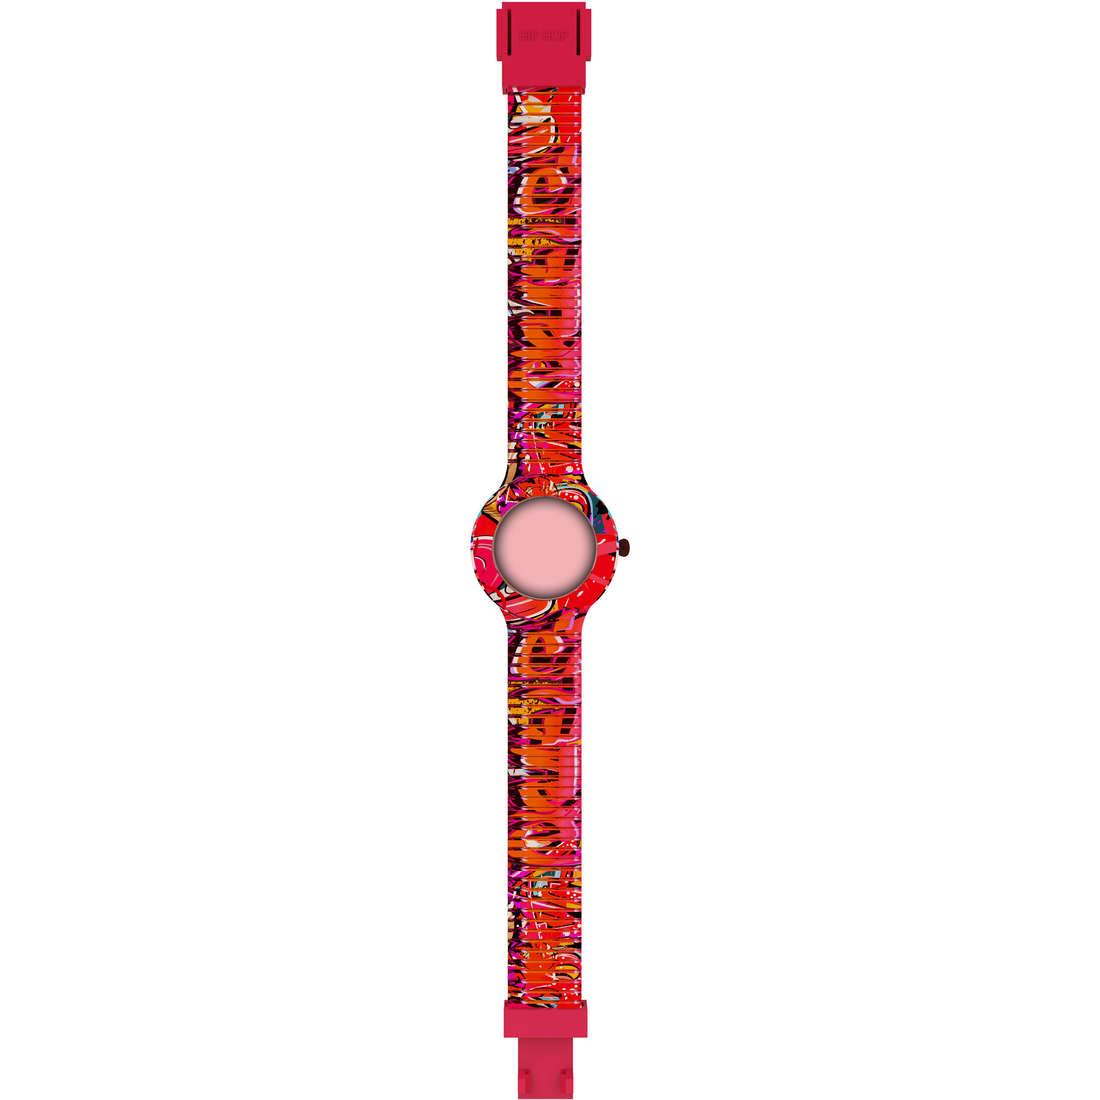 orologio accessorio donna Hip Hop Graffiti HBU0623